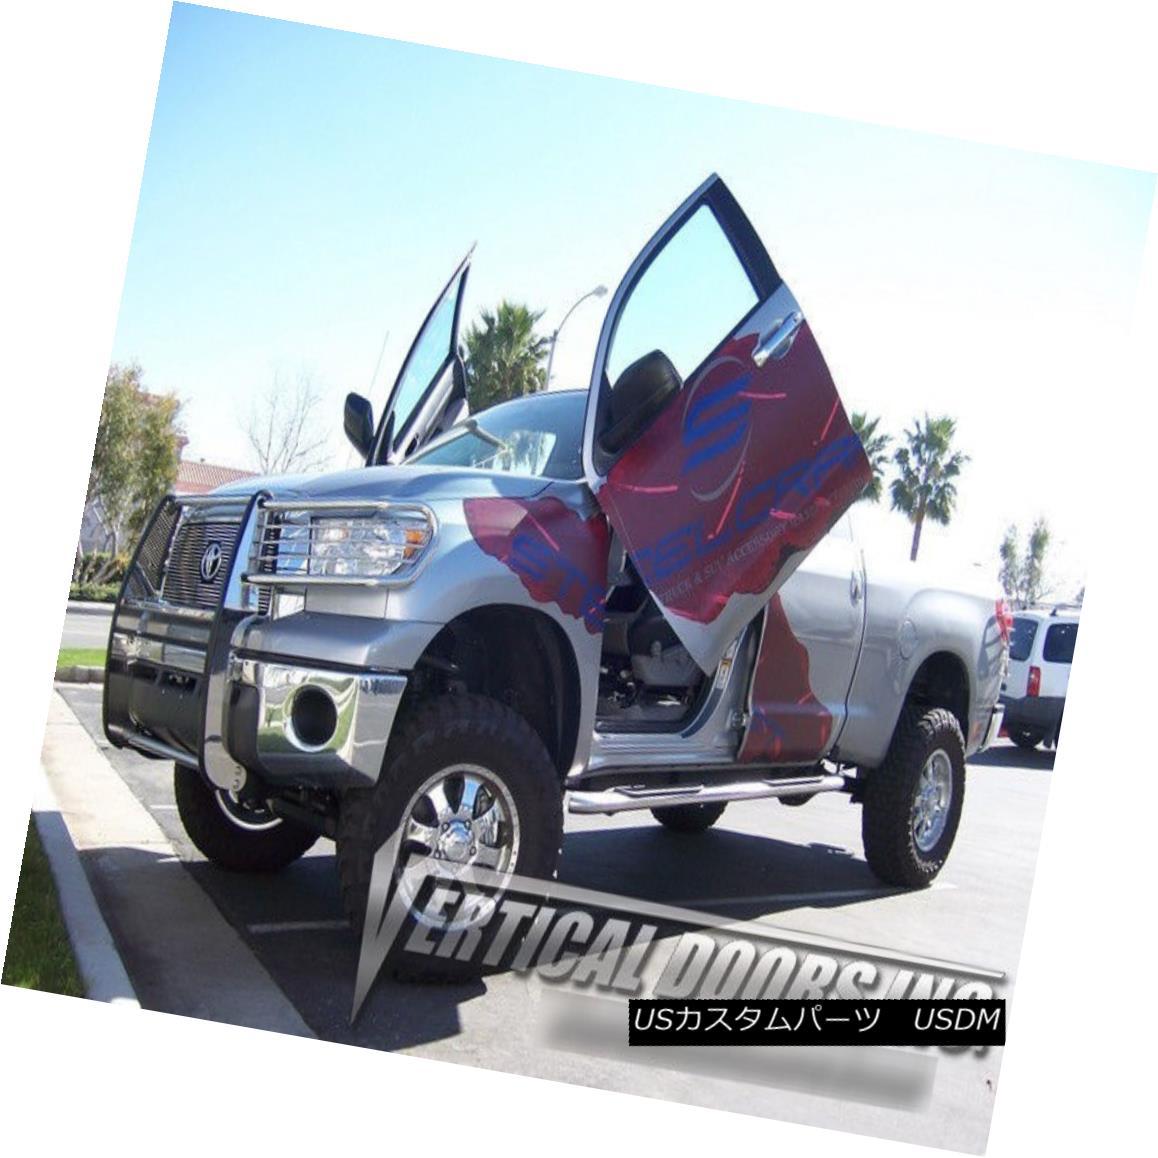 ガルウィングキット Vertical Doors Inc. Bolt-On Lambo Kit for Toyota Tundra 07-10 Vertical Doors Inc.トヨタ・トンドラのボルトオン・ランボキット07-10